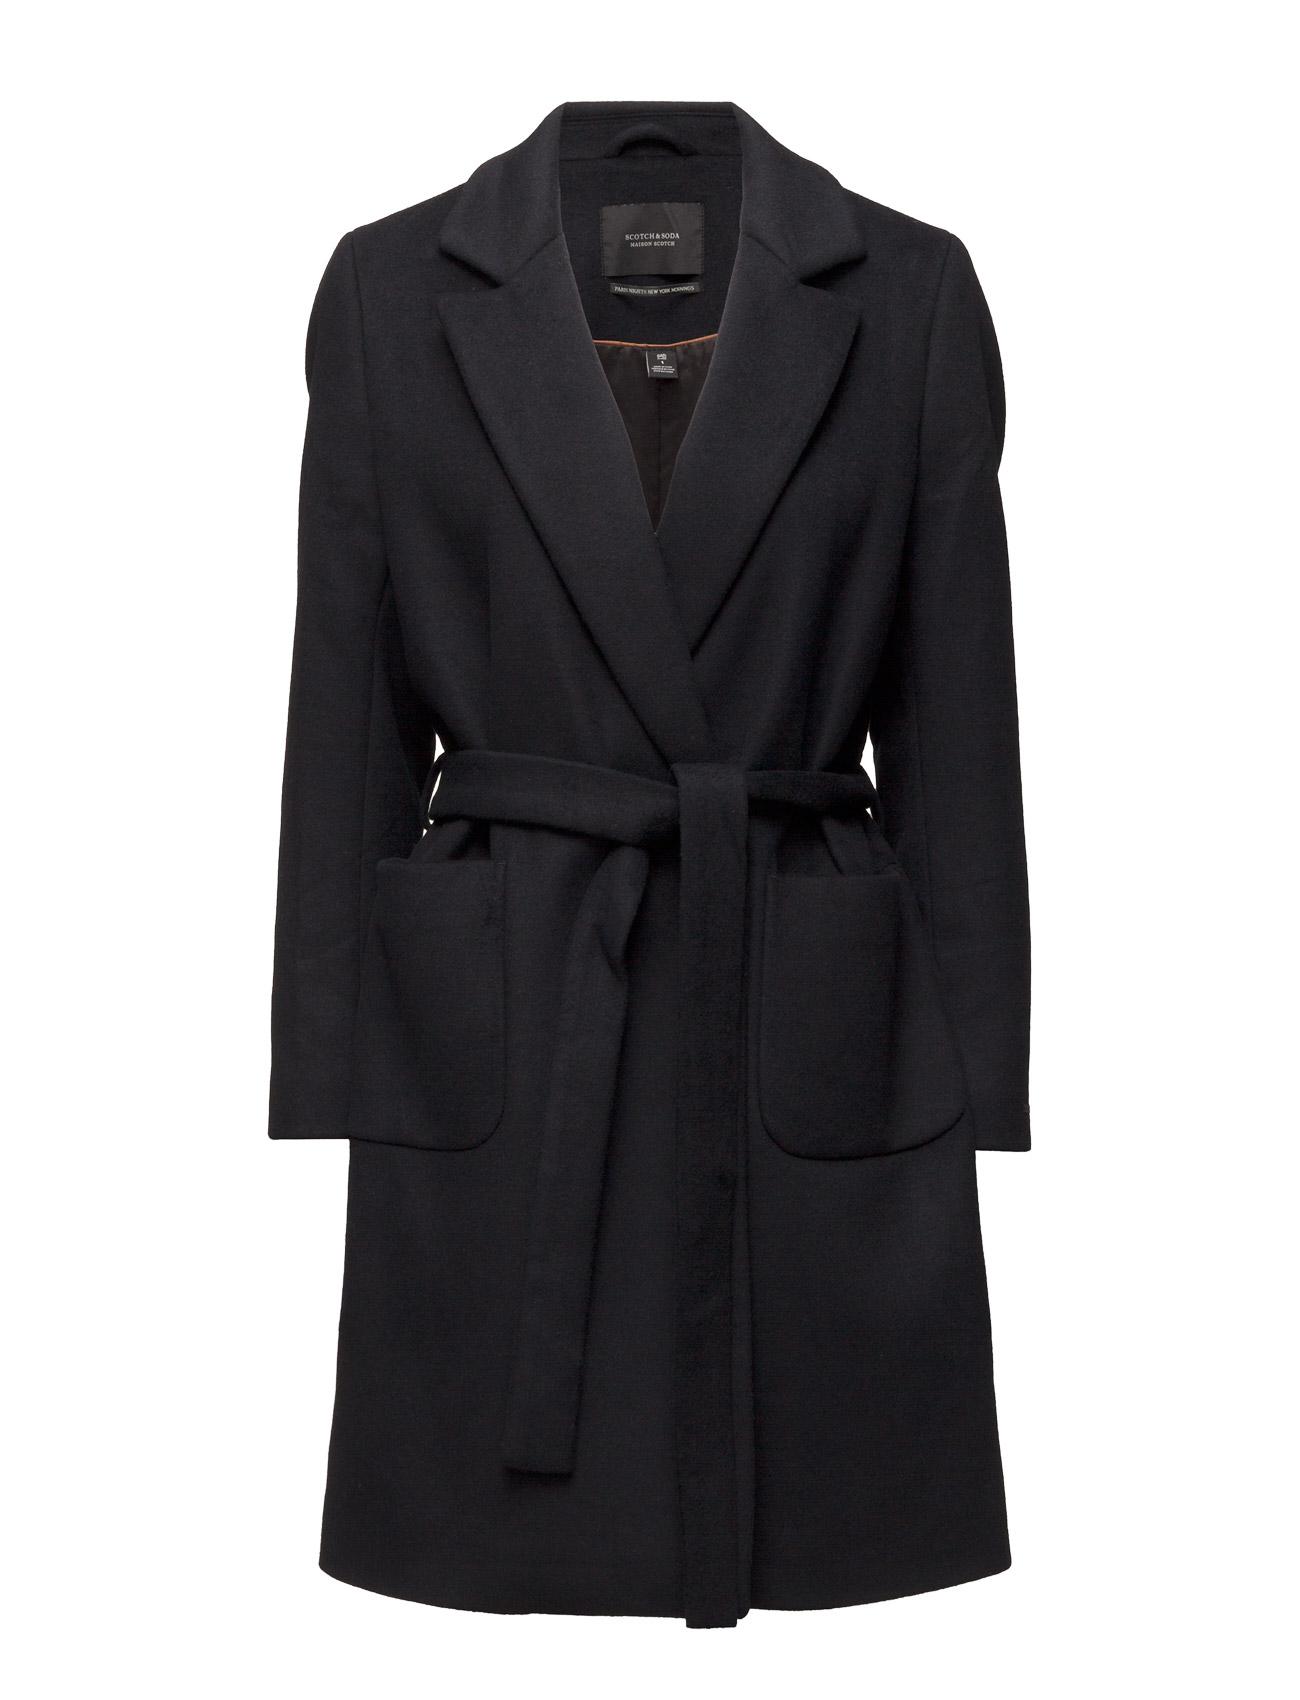 Wrap Over Coat In Soft Wool Blend Qualit Maison Scotch Frakker til Kvinder i 7D Havregryn Melange